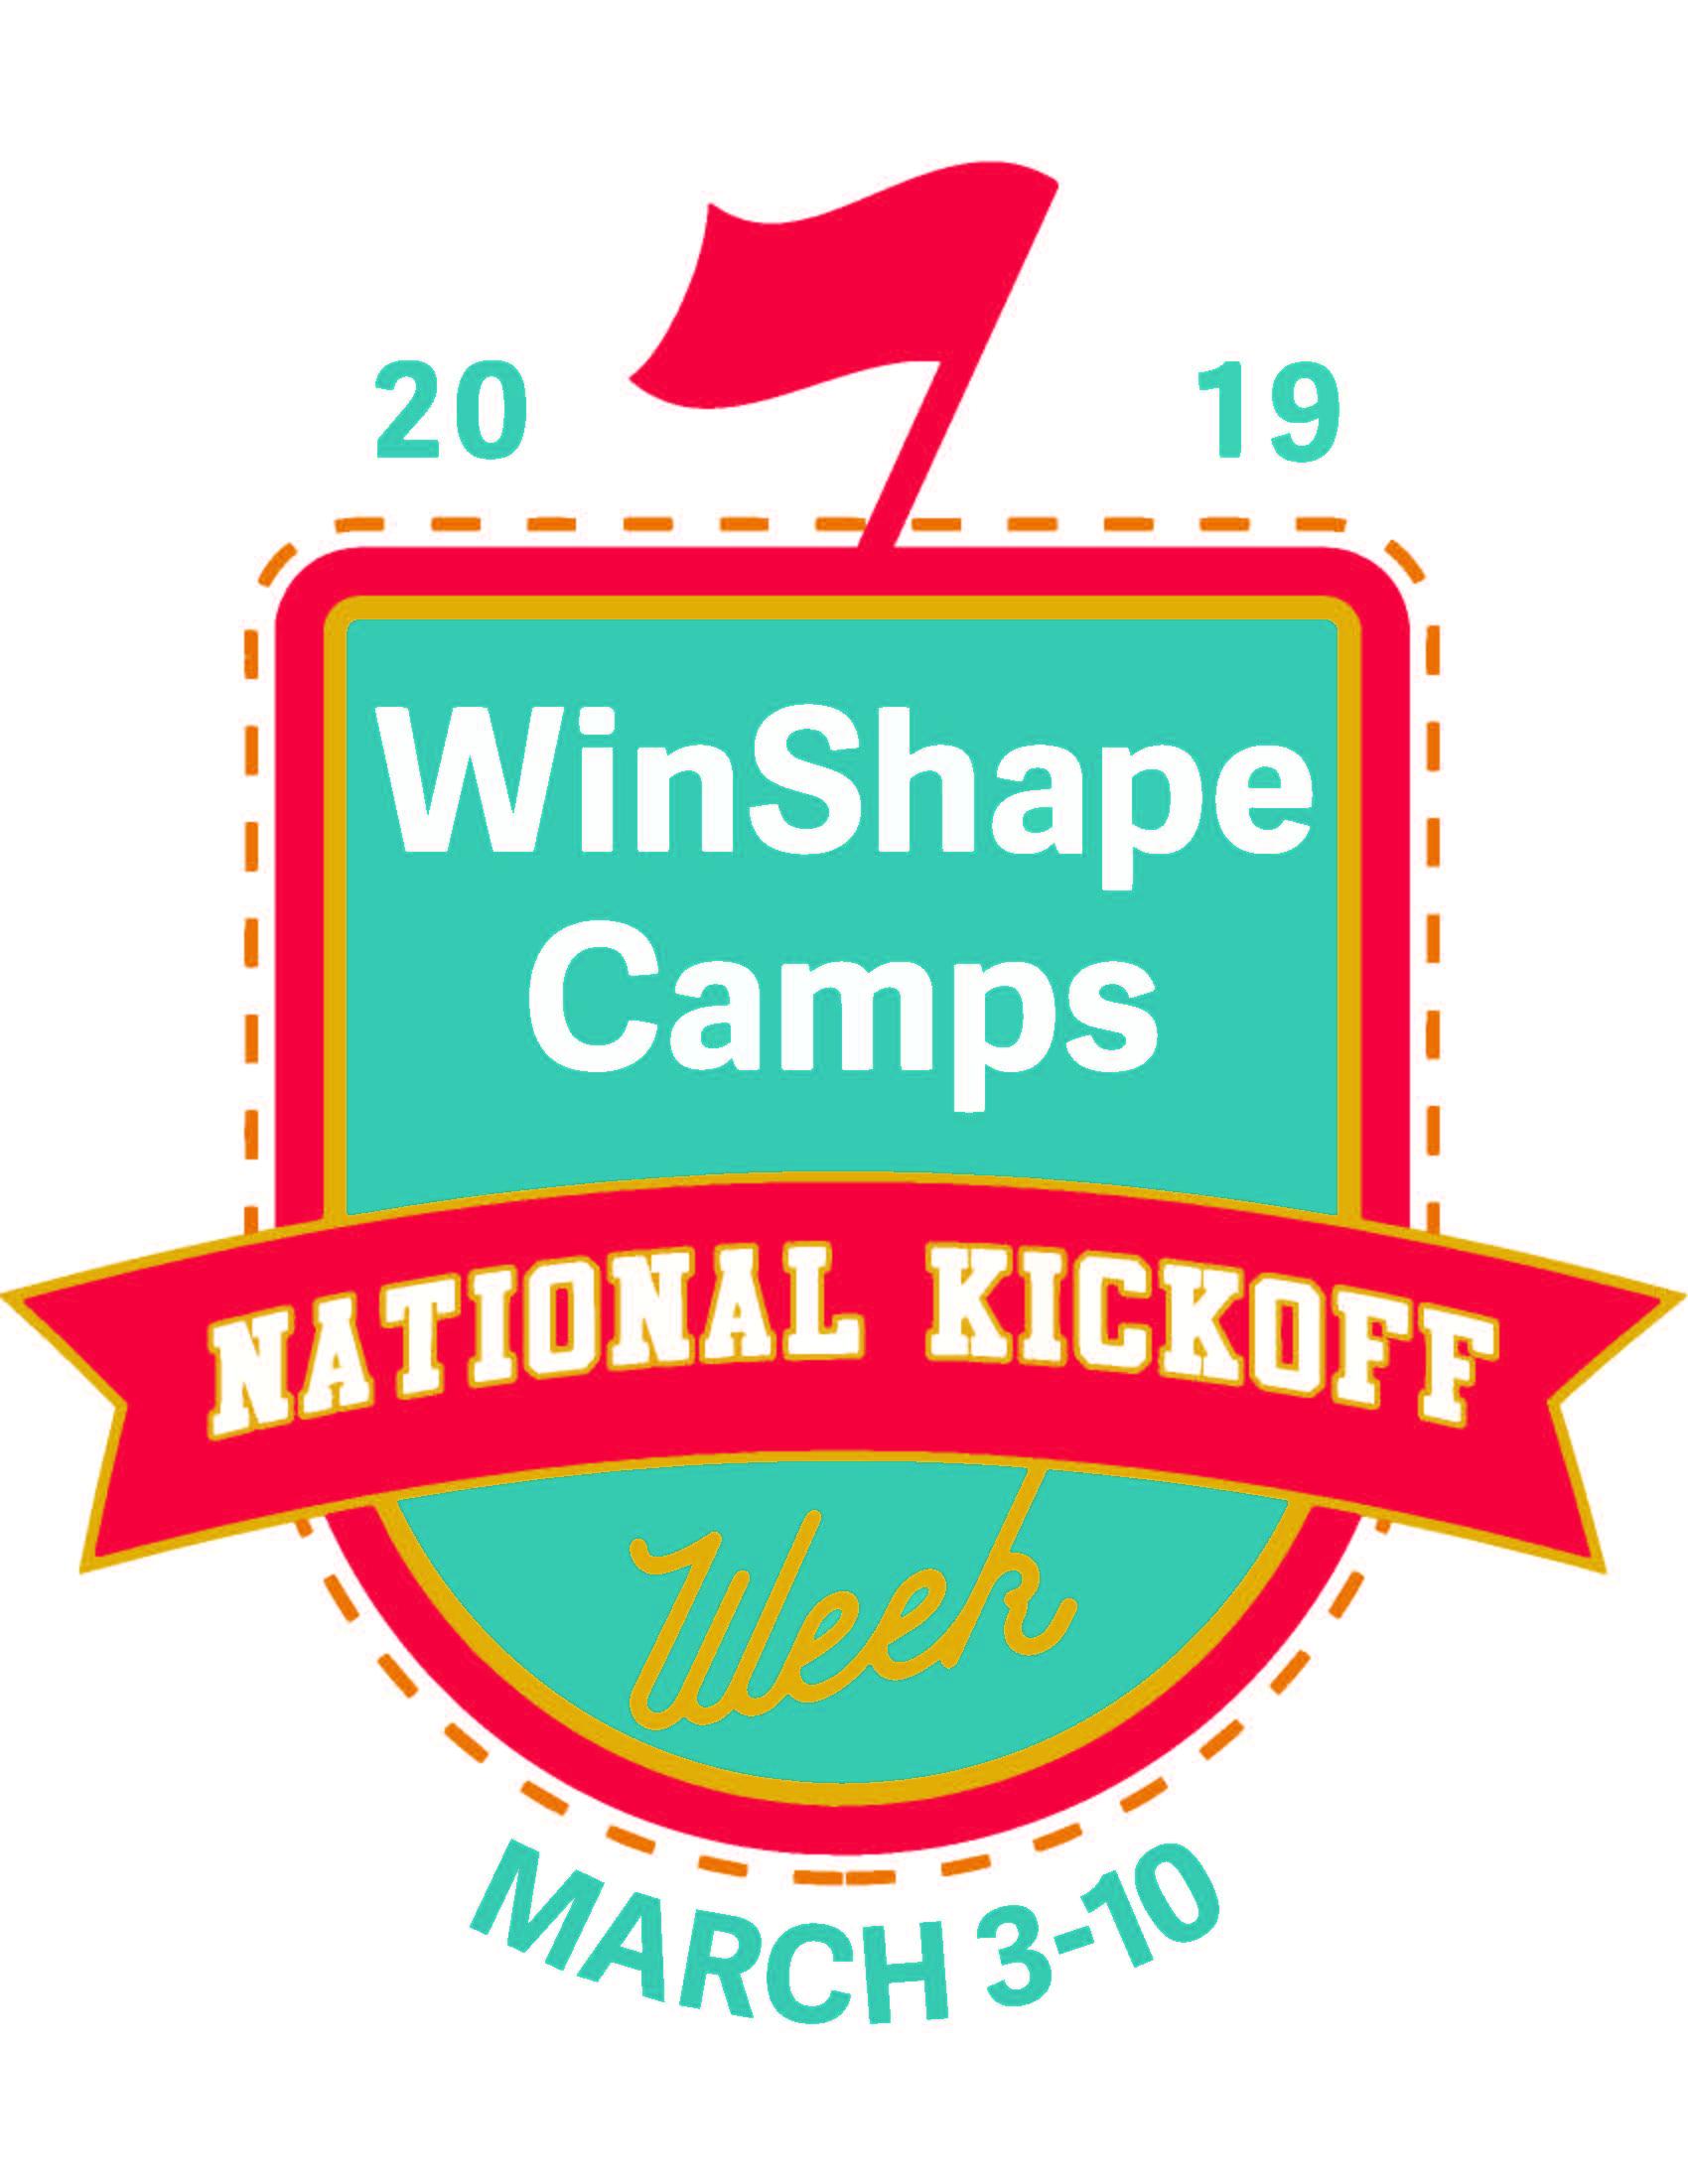 WSC_KickoffWeek2019_logo.jpg